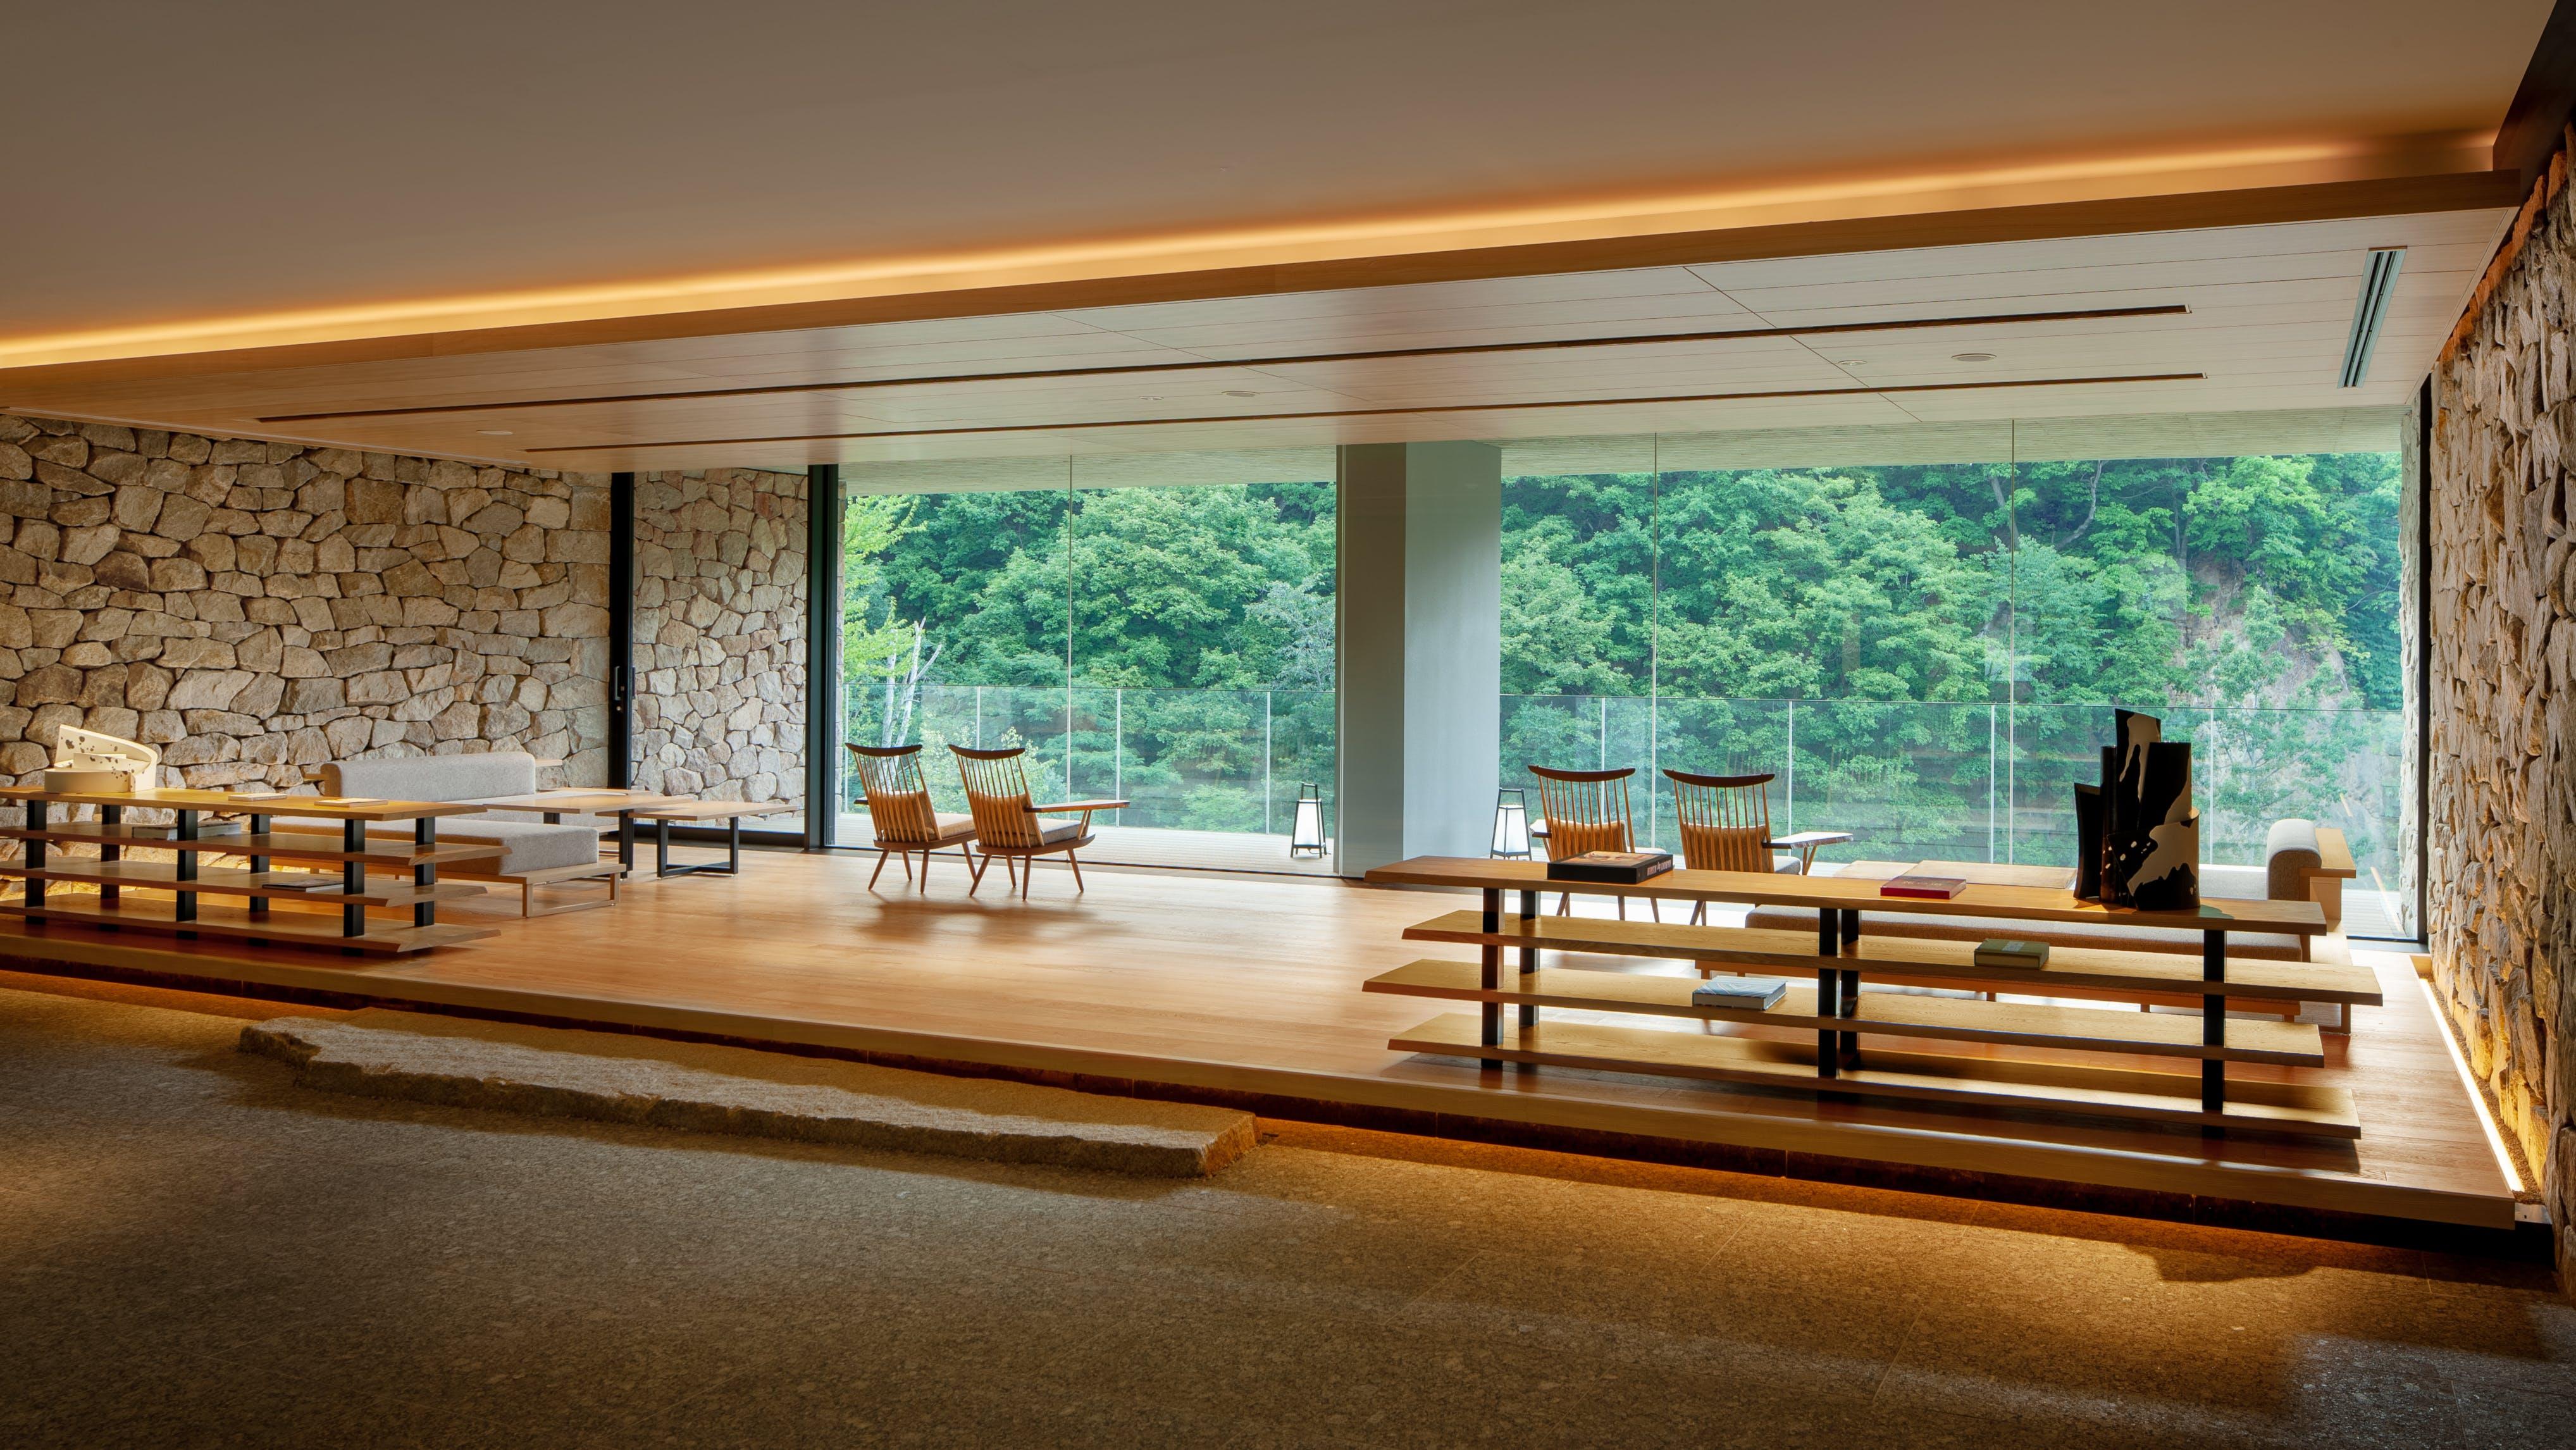 2019年9月開業!札幌の奥座敷・定山渓温泉のモダン旅館